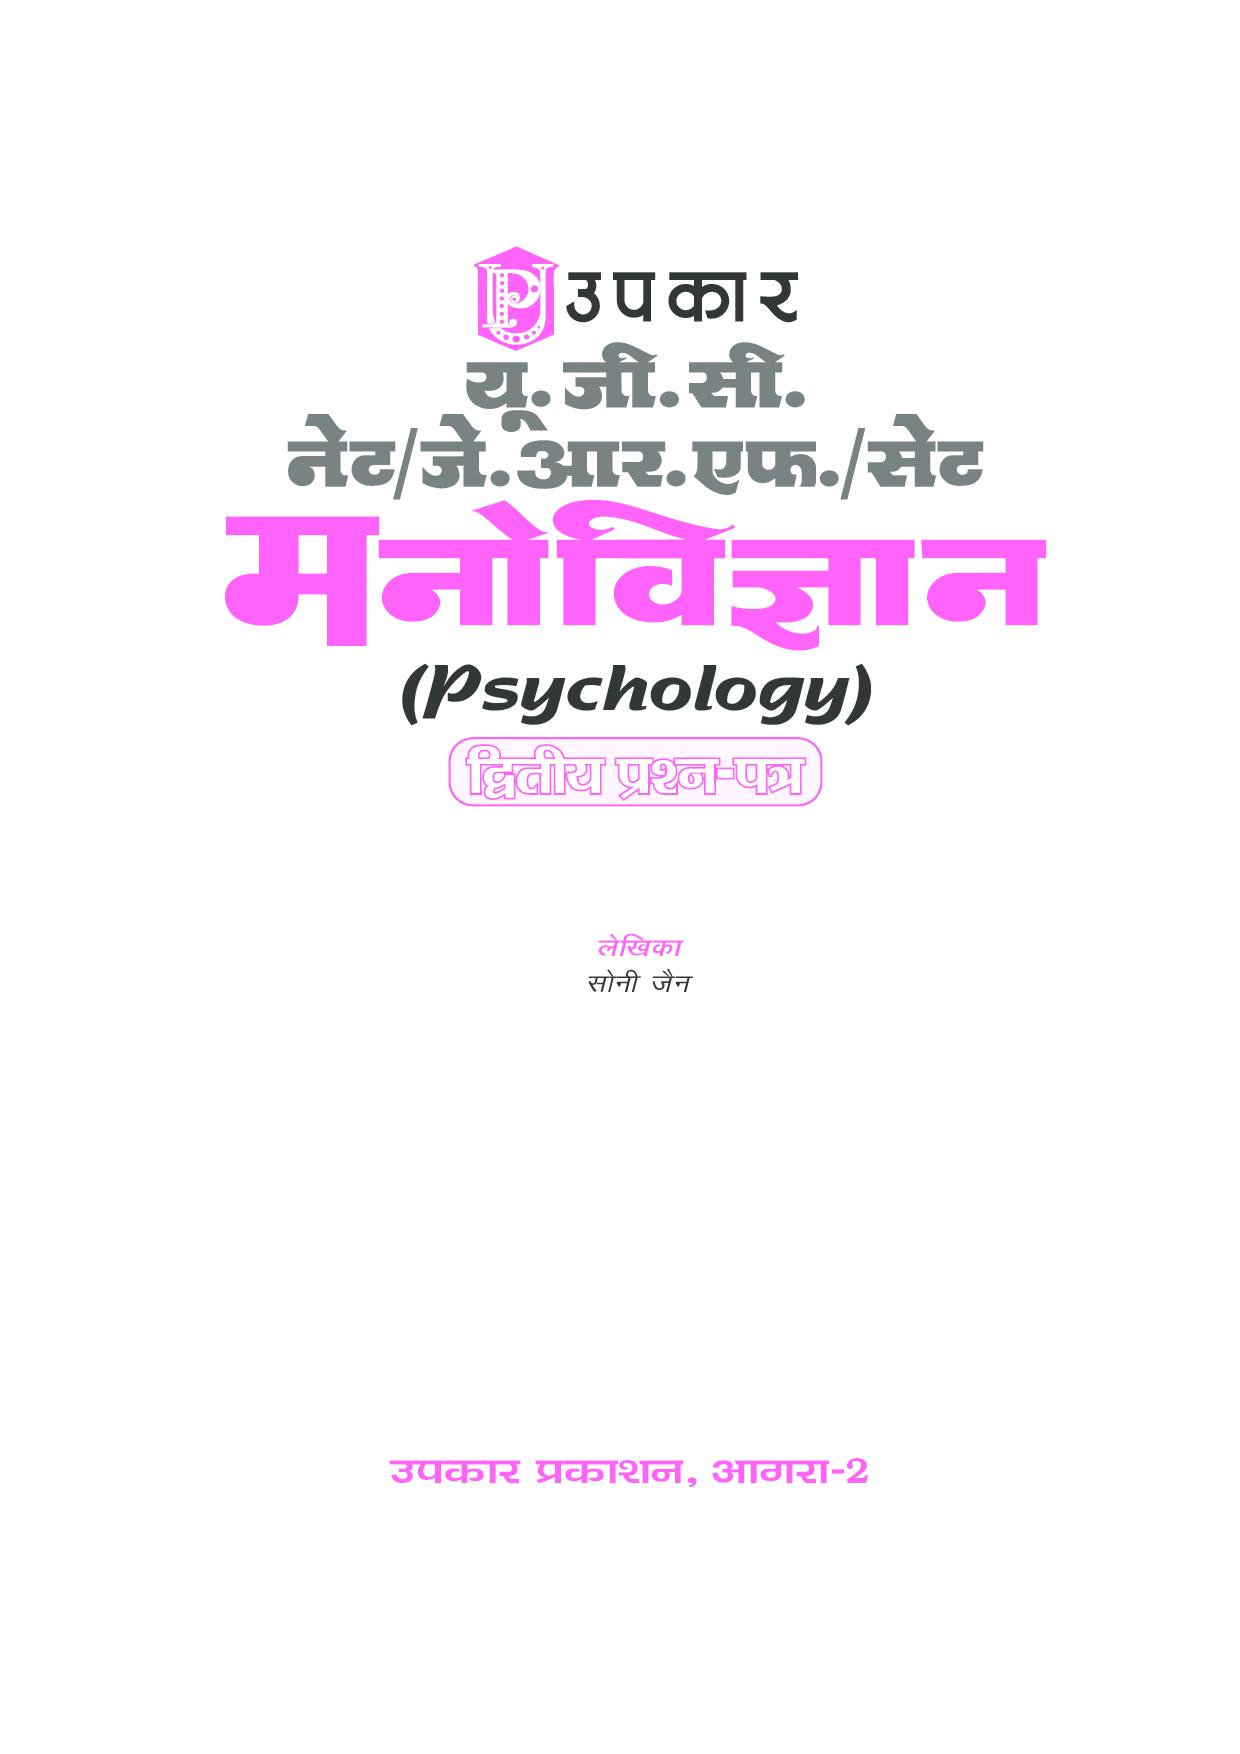 U.G.C.-NET/J.R.F./SET मनोविज्ञान (पेपर-II) - Page 2